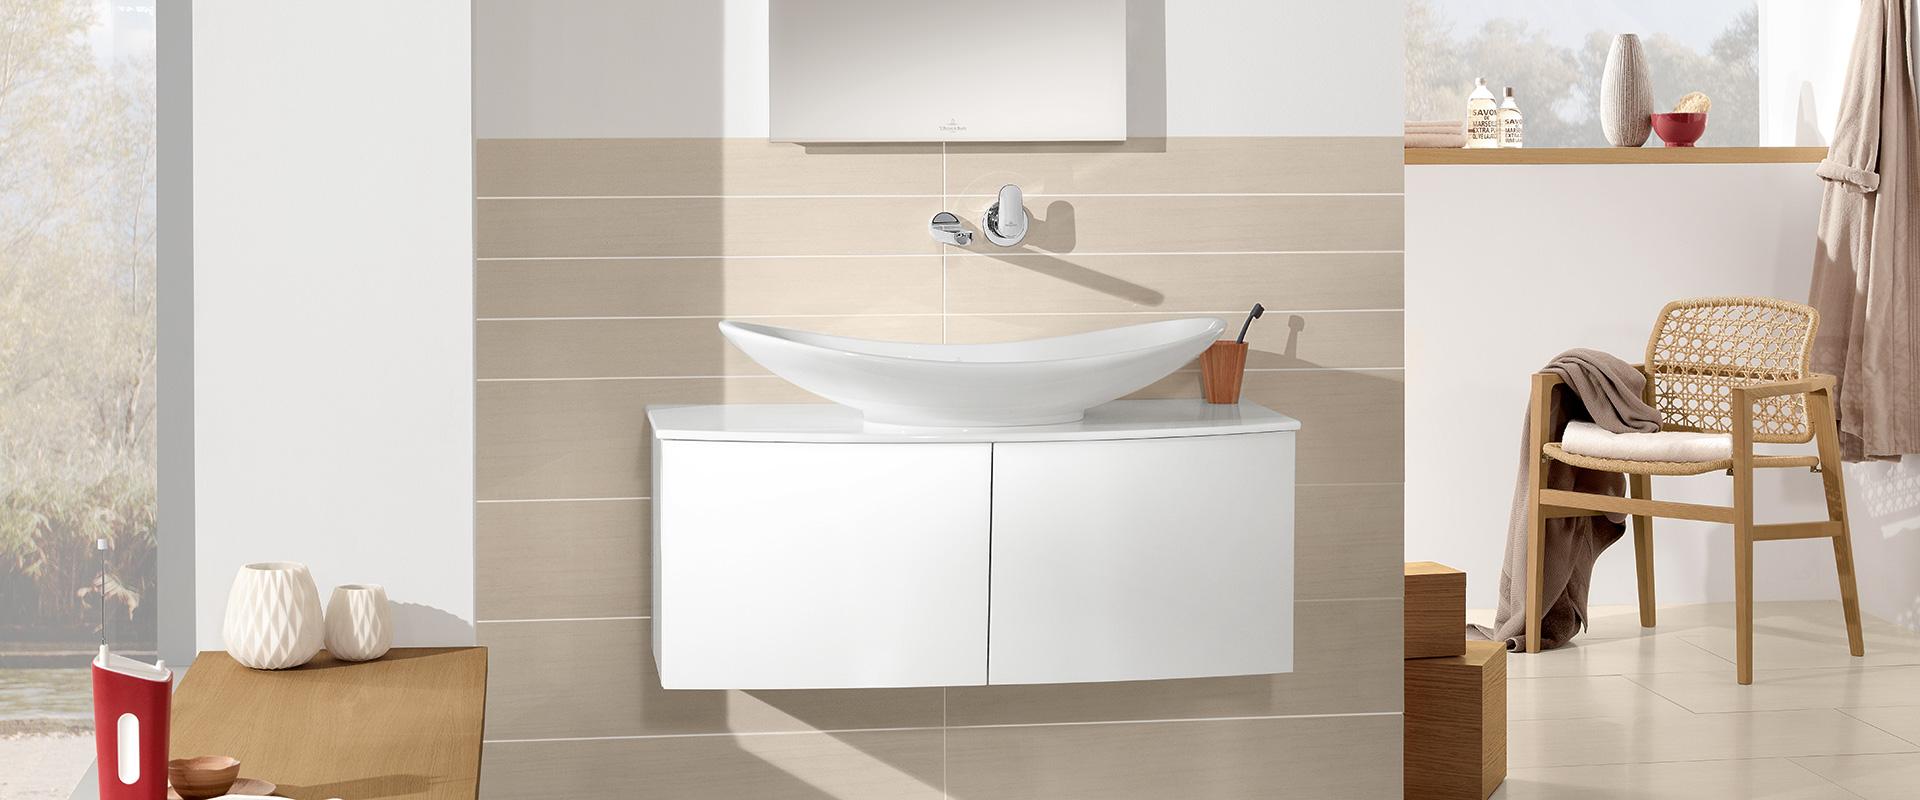 kollektion my nature von villeroy & boch ? design neuer leichtigkeit - Badezimmer Villeroy Boch